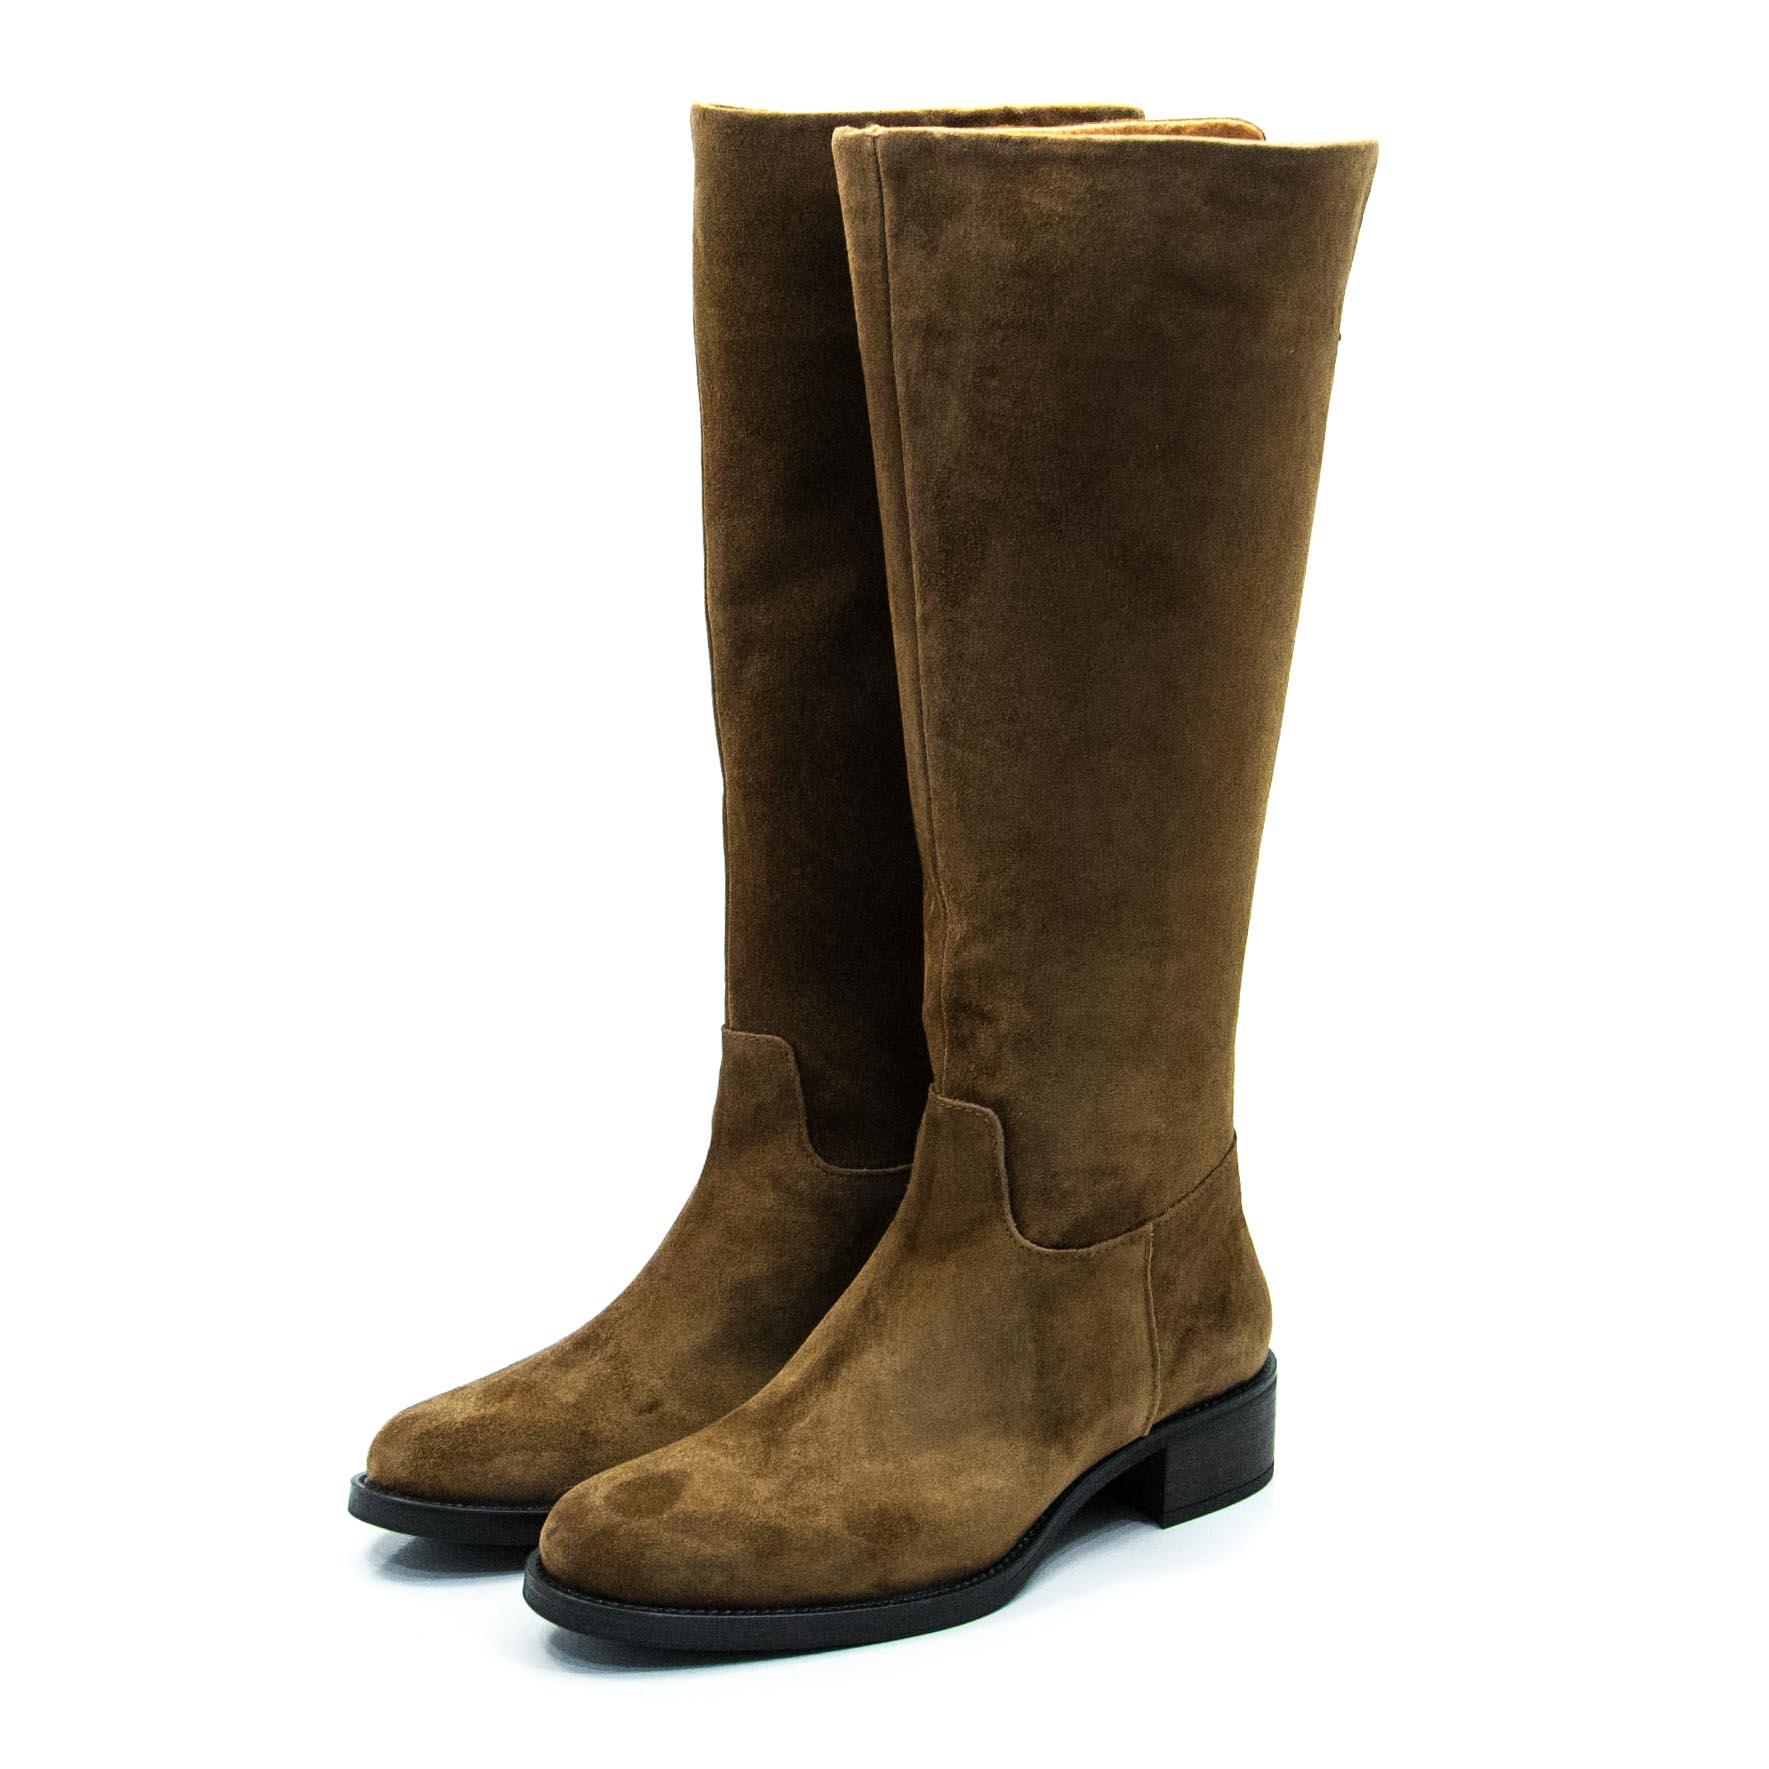 Γυναικεία μπότα χ. ALPE 4235